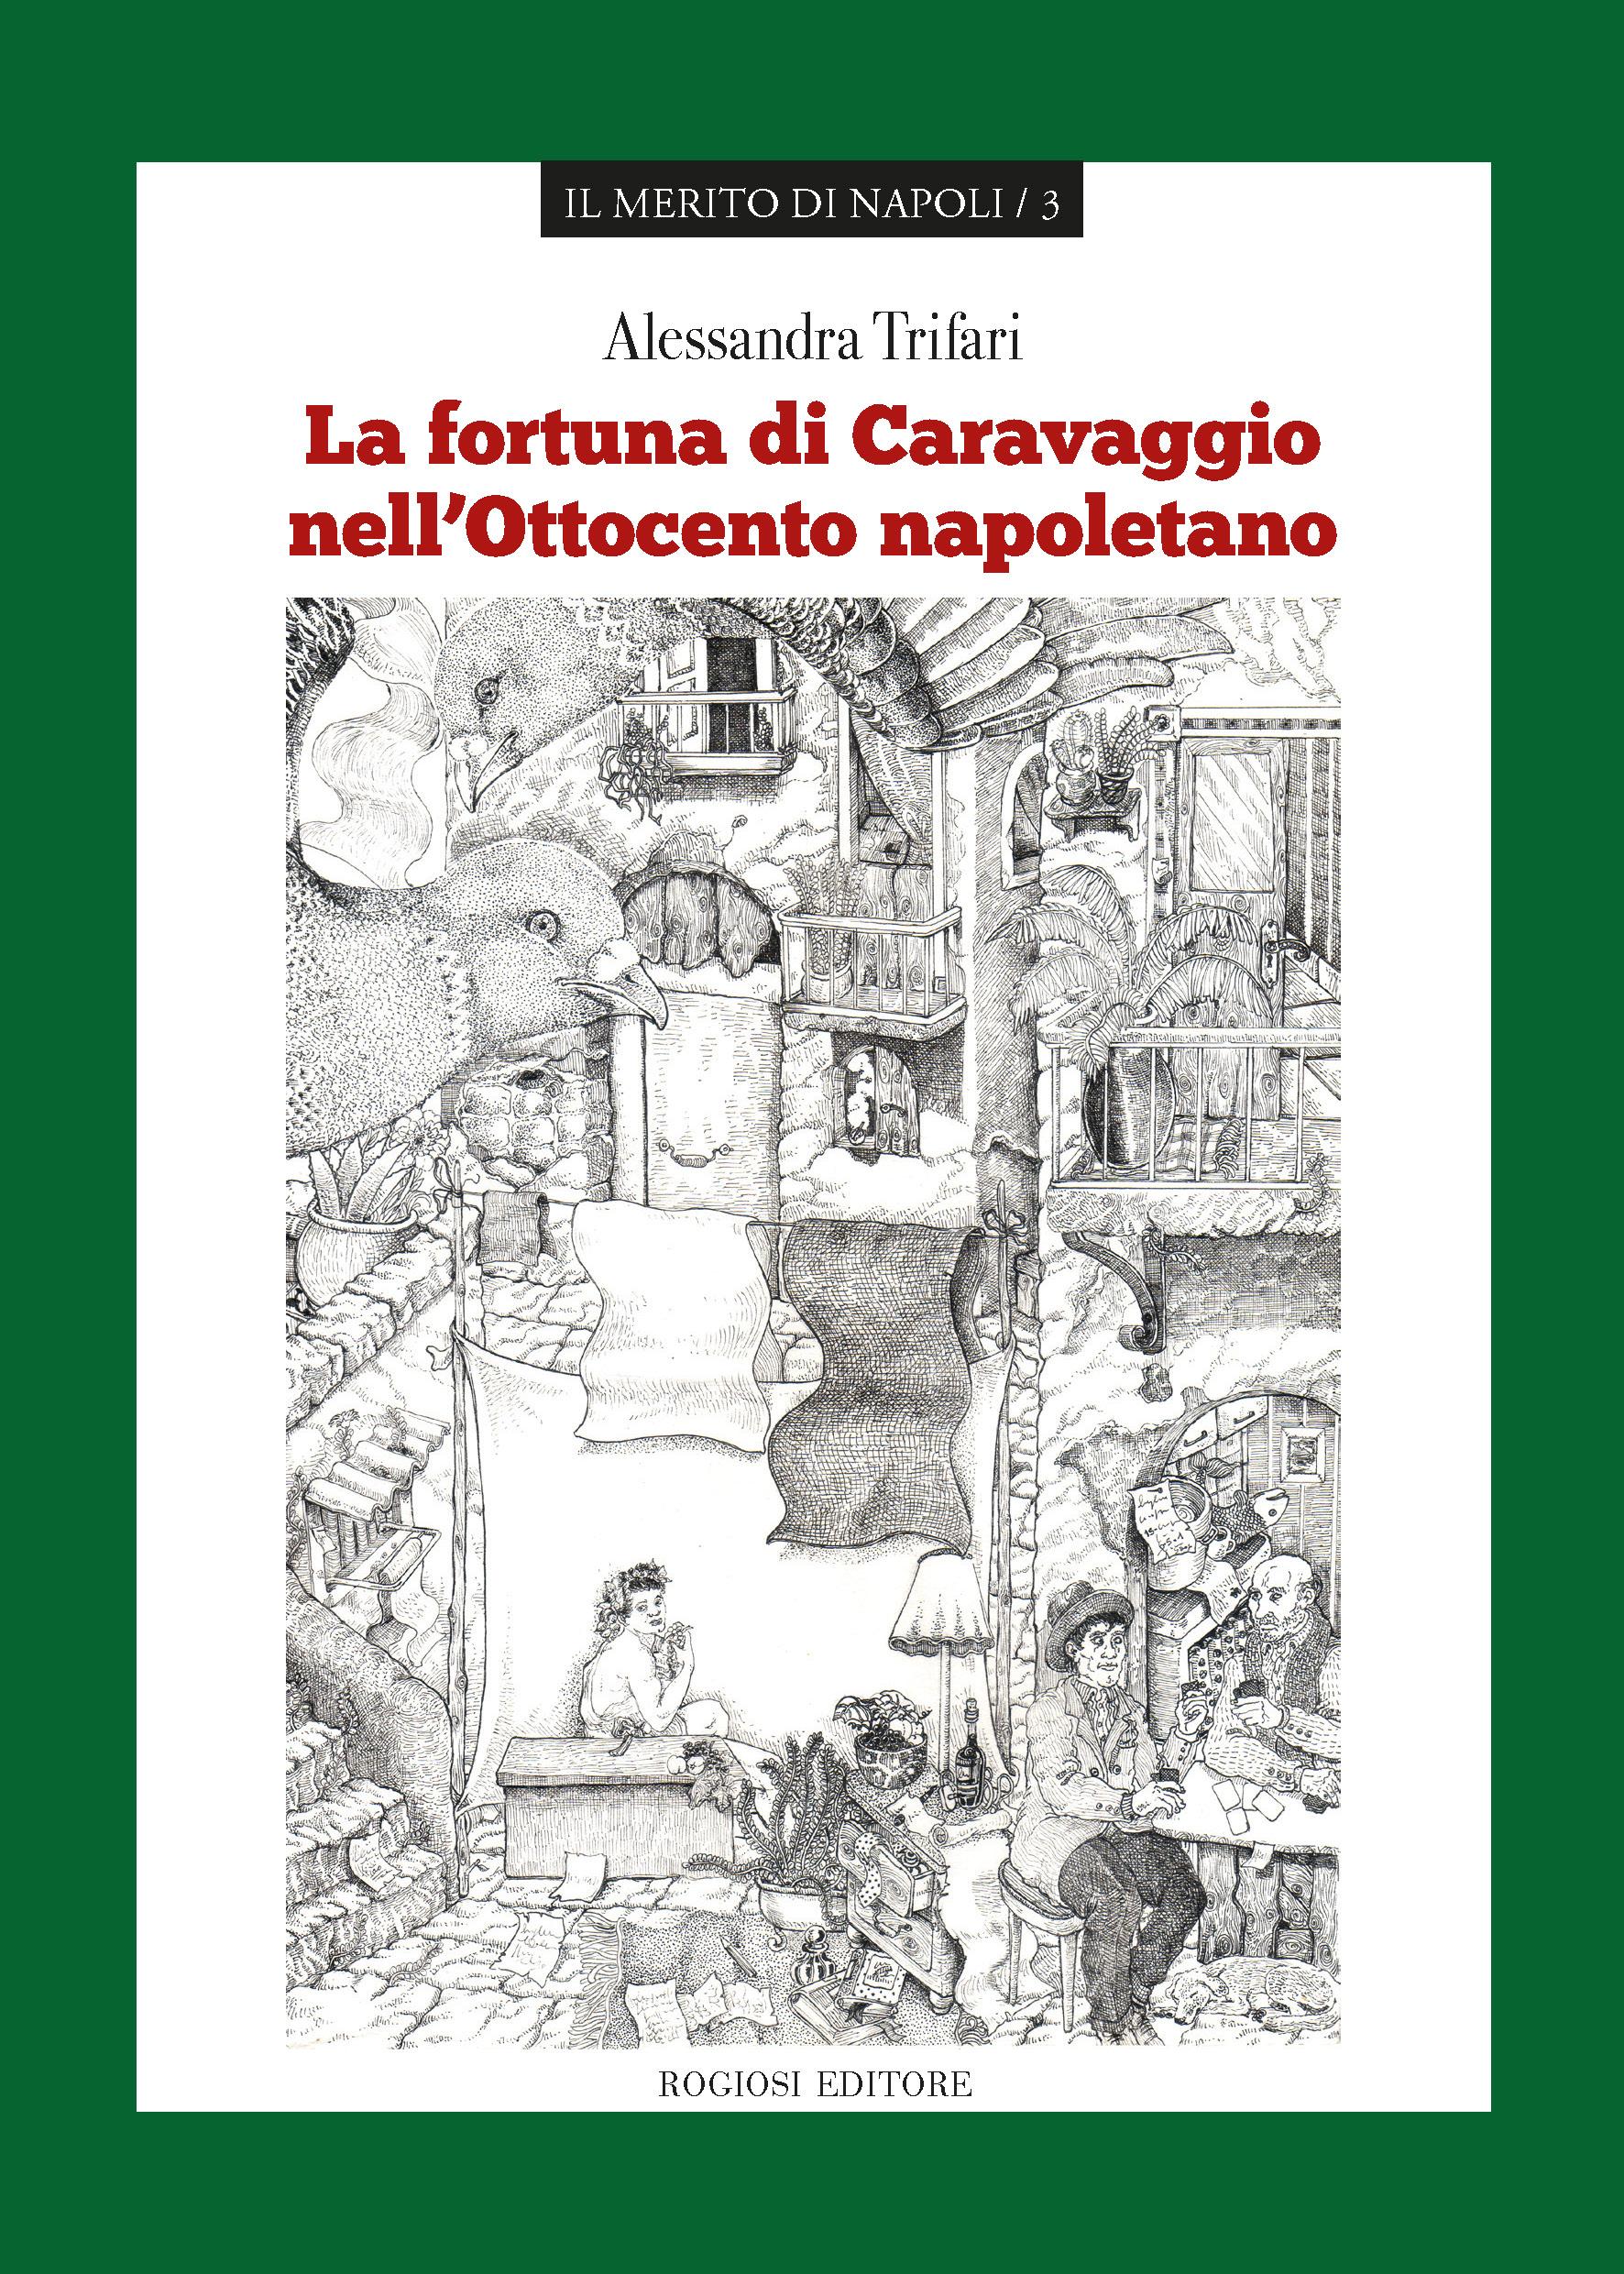 La fortuna di Caravaggio nell'Ottocento napoletano